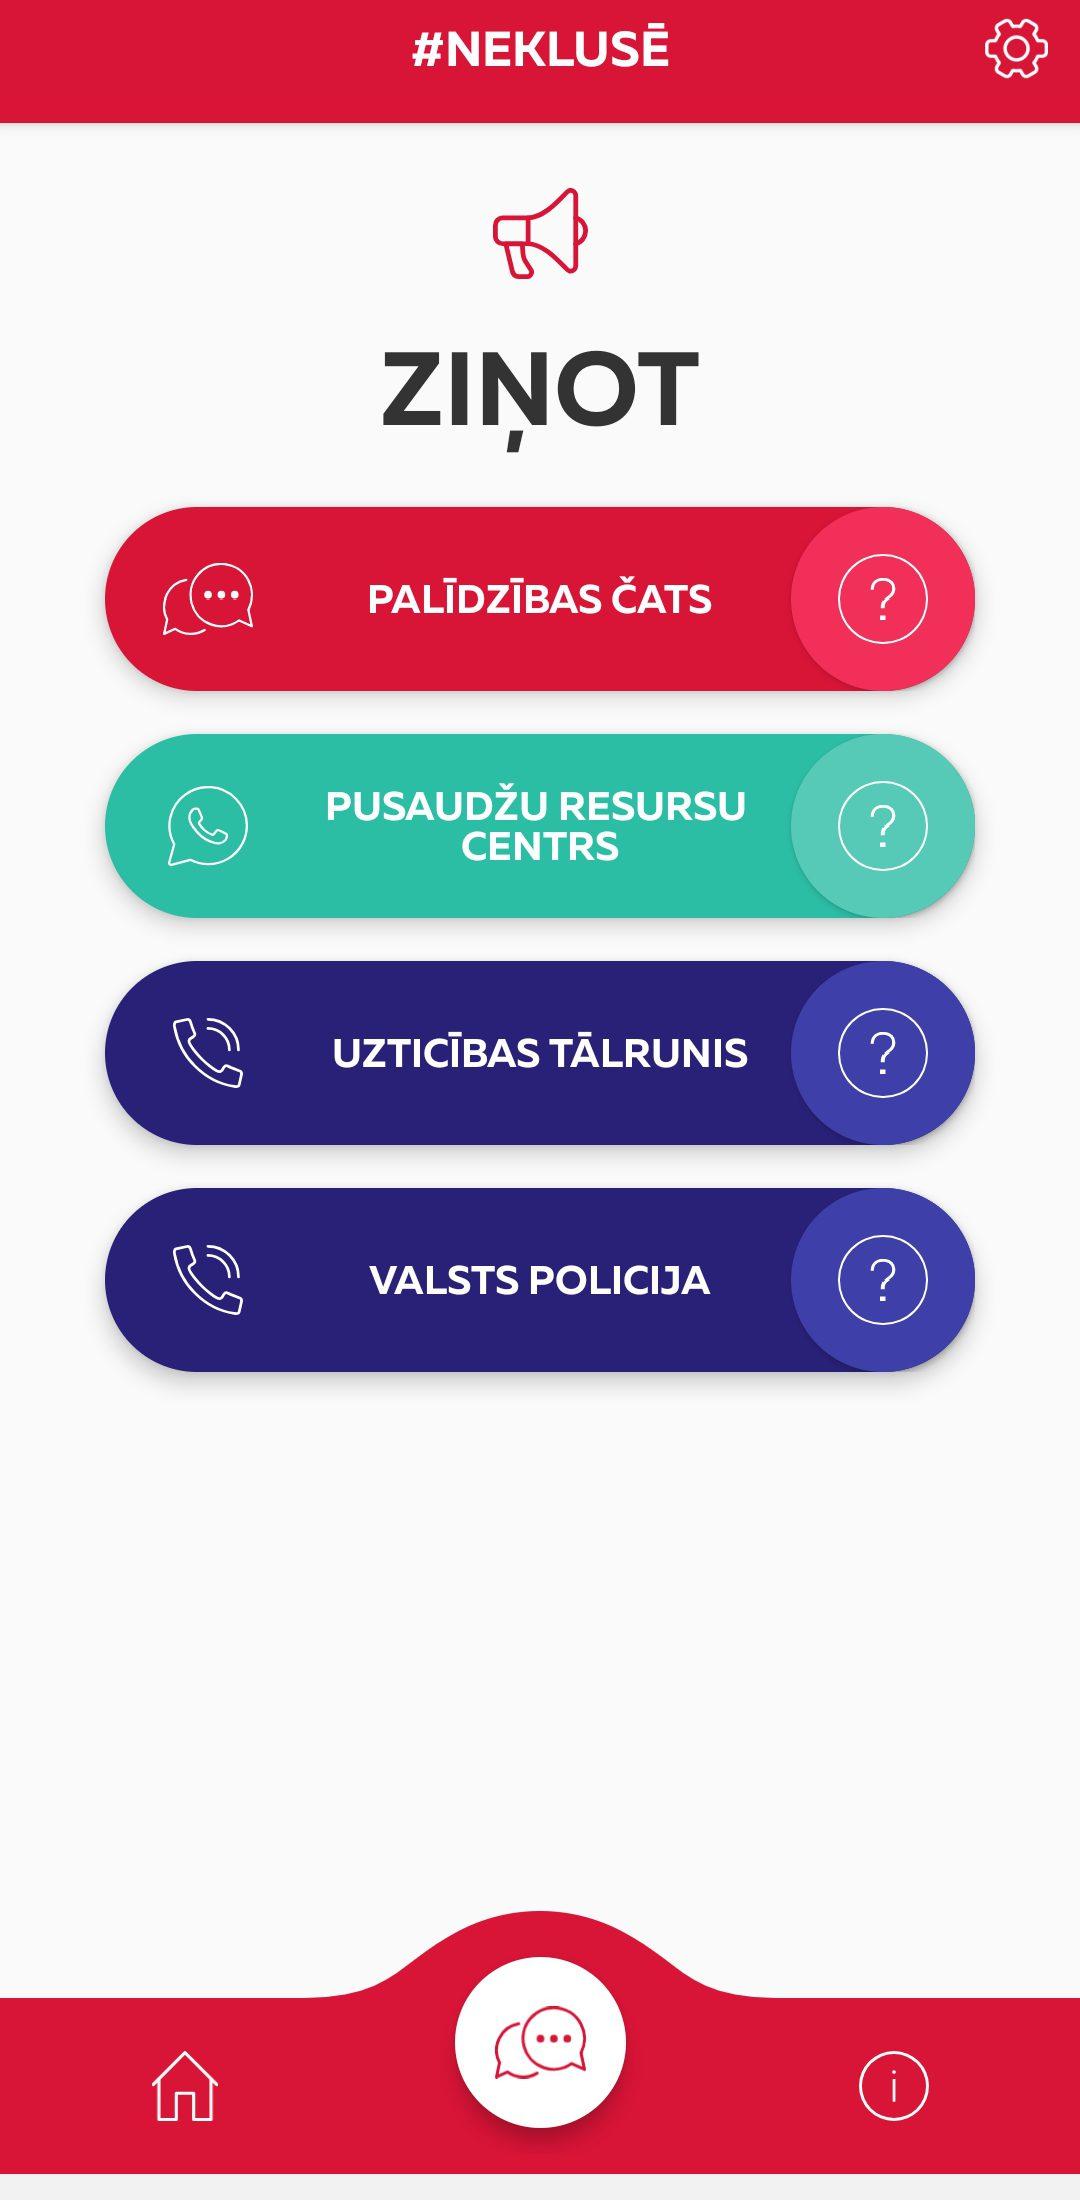 Screenshot_20200106-212241_#NEKLUS